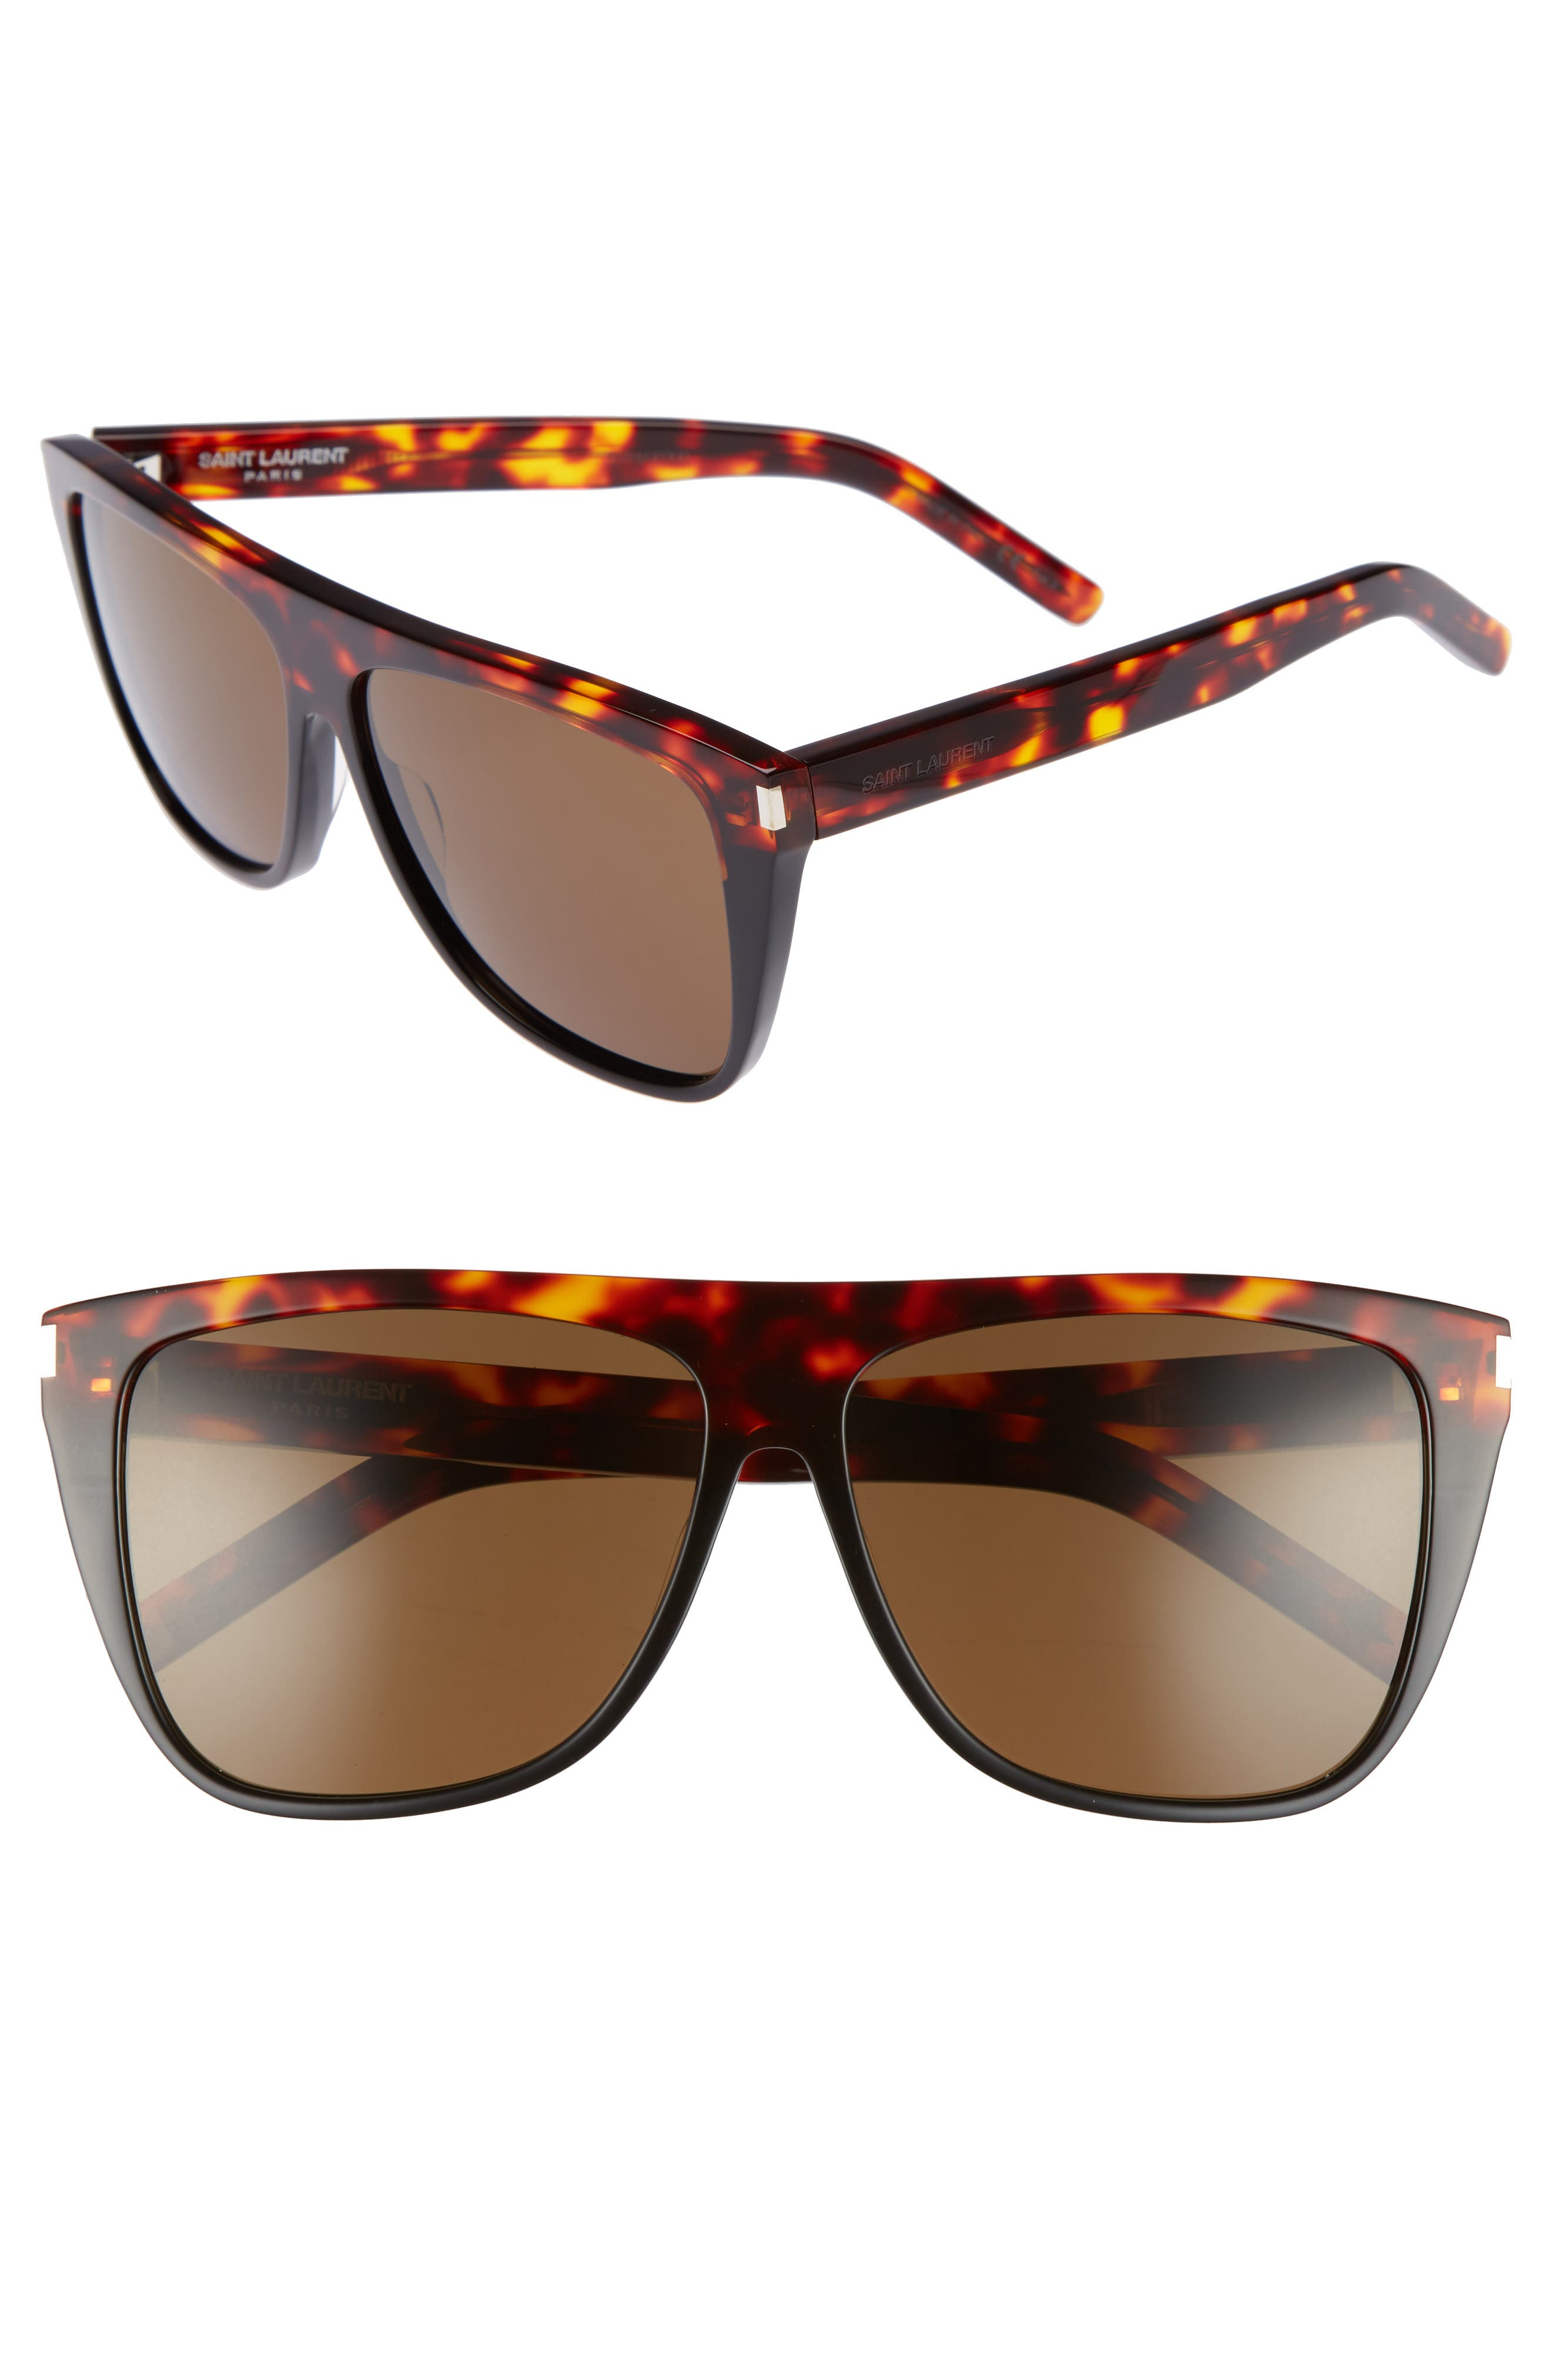 SL1 59mm Flat Top Sunglasses,                         Main,                         color, HAVANA